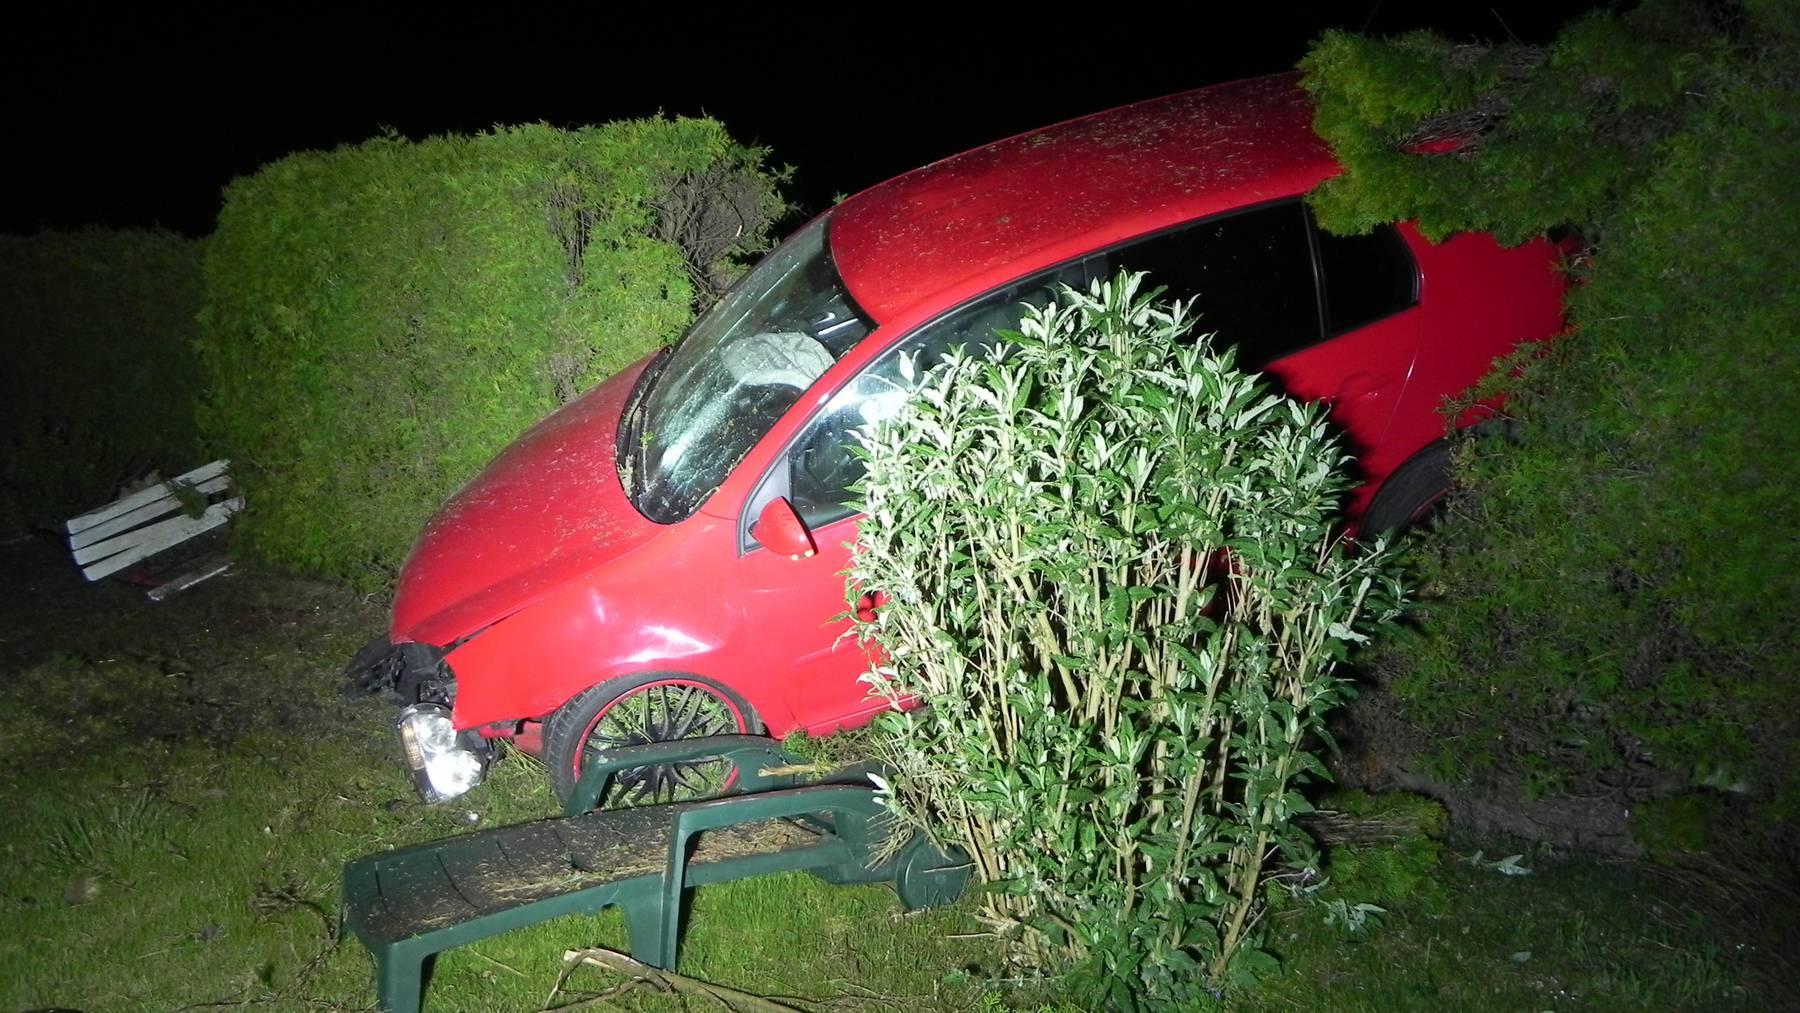 Alkoholisiert und übermüdet: Ein 22-Jähriger baute nach einem Sekundenschlaf einen Unfall.